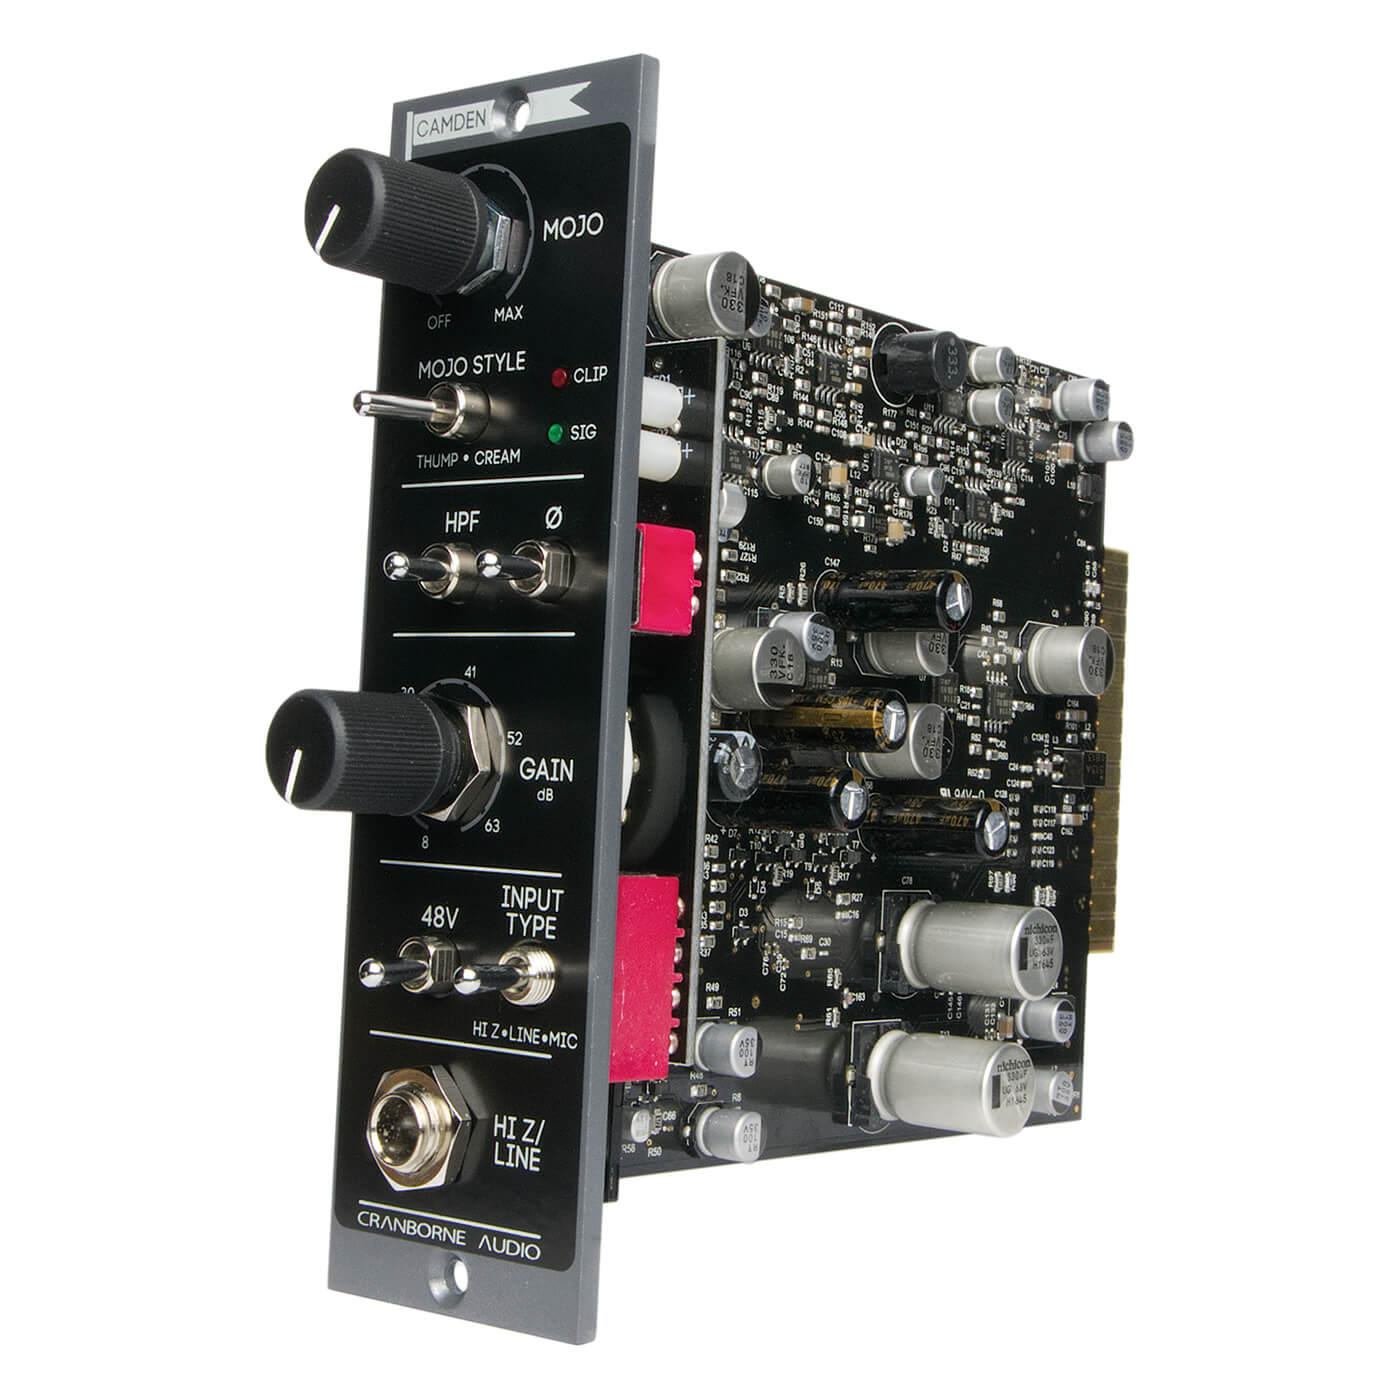 Cranborne Audio C500